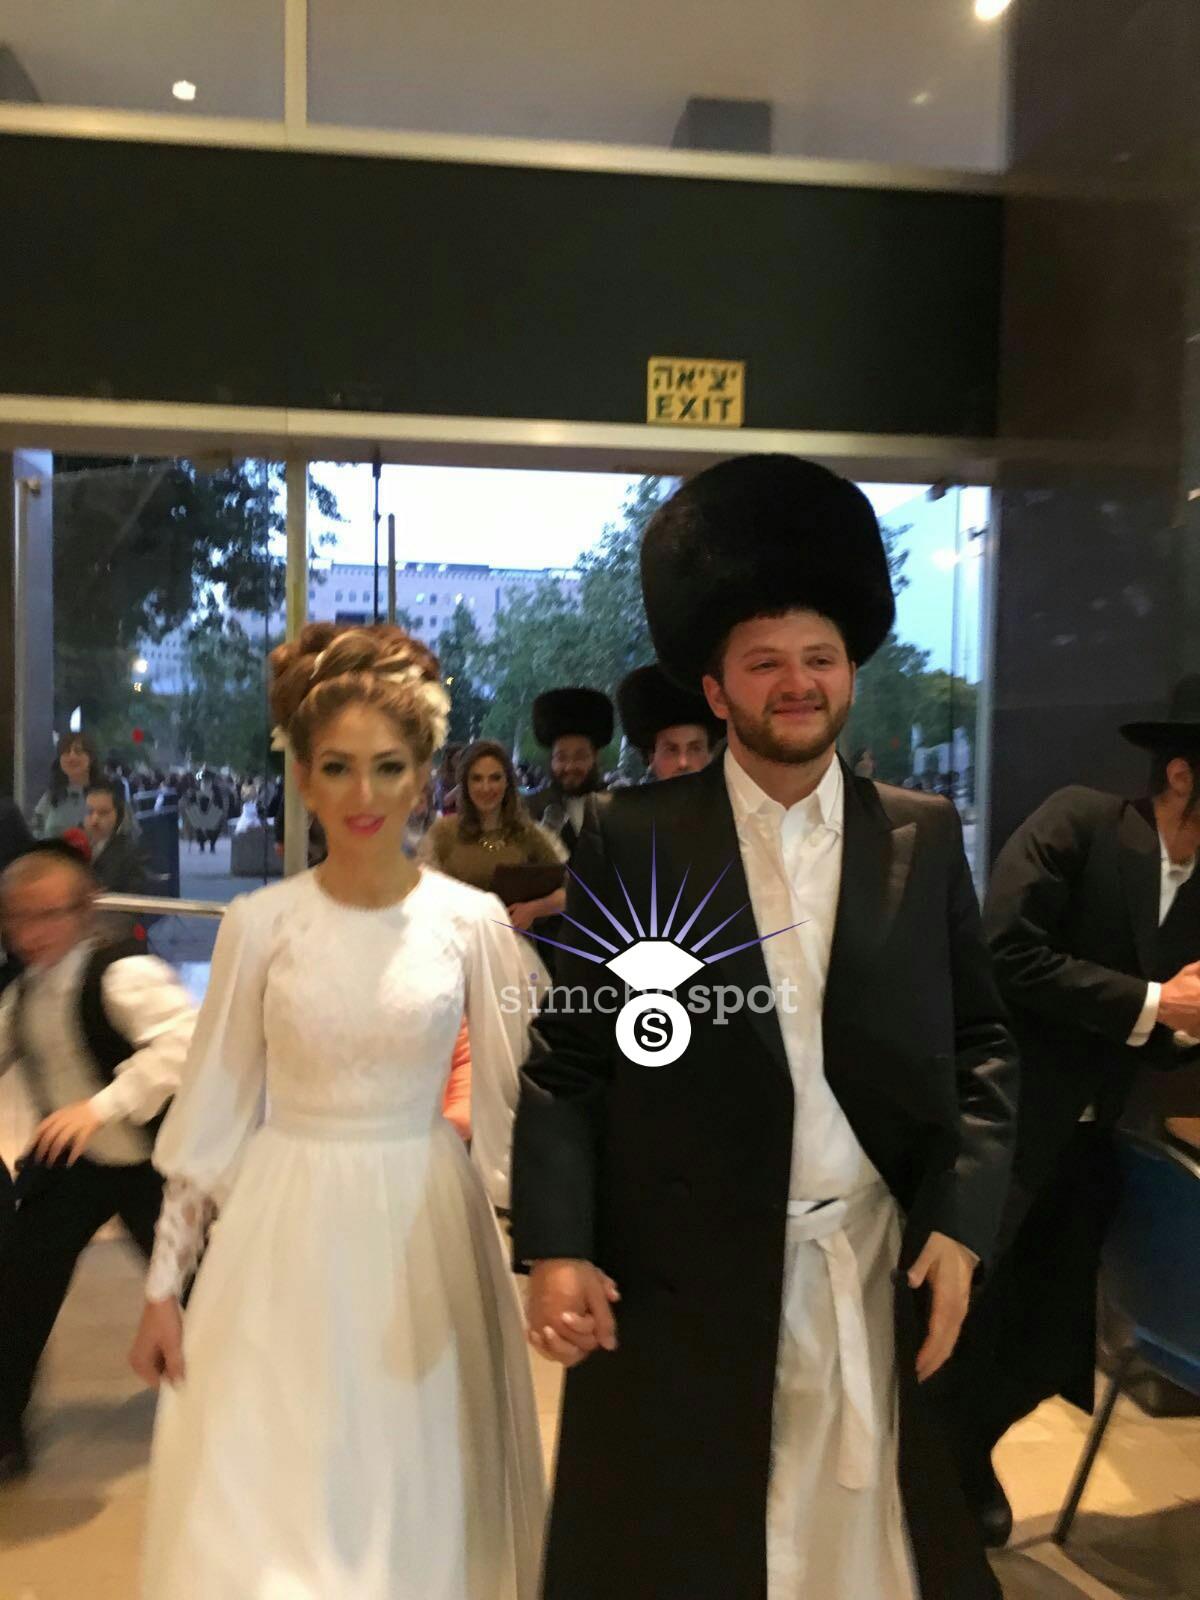 wedding of simcha and adina shreiber israel � simchaspotcom